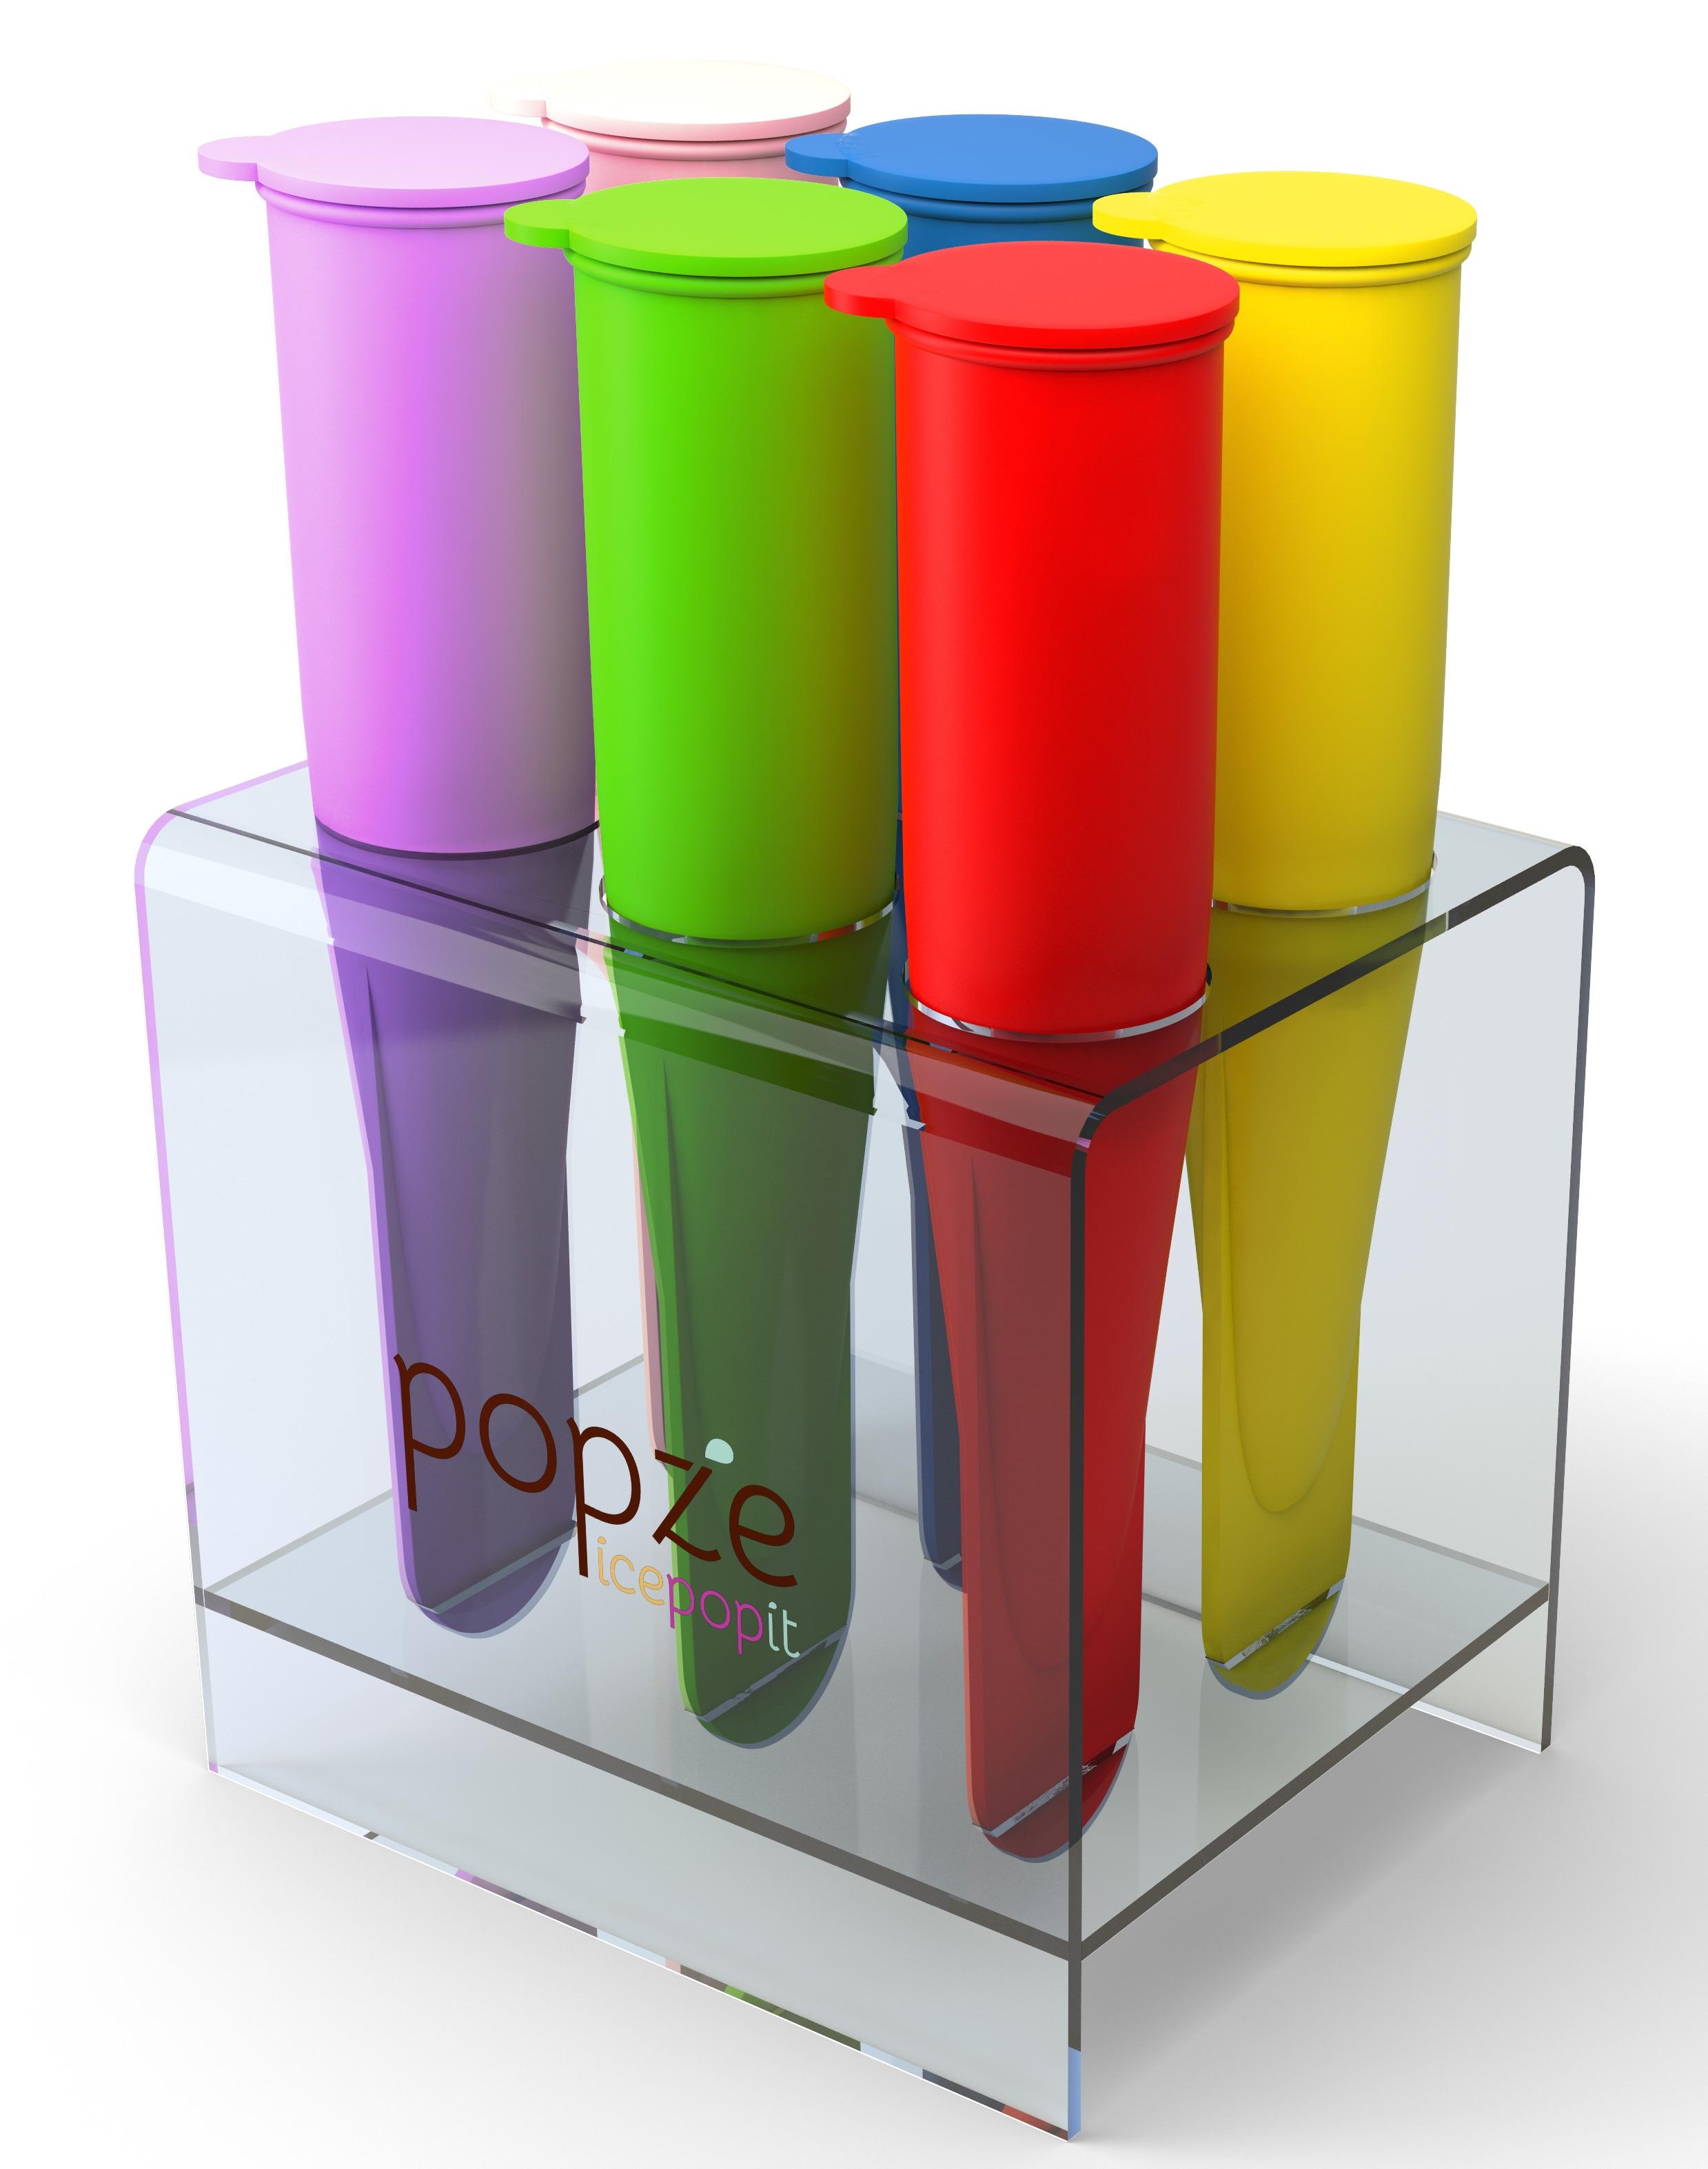 Popze IcePopIt Dessert System